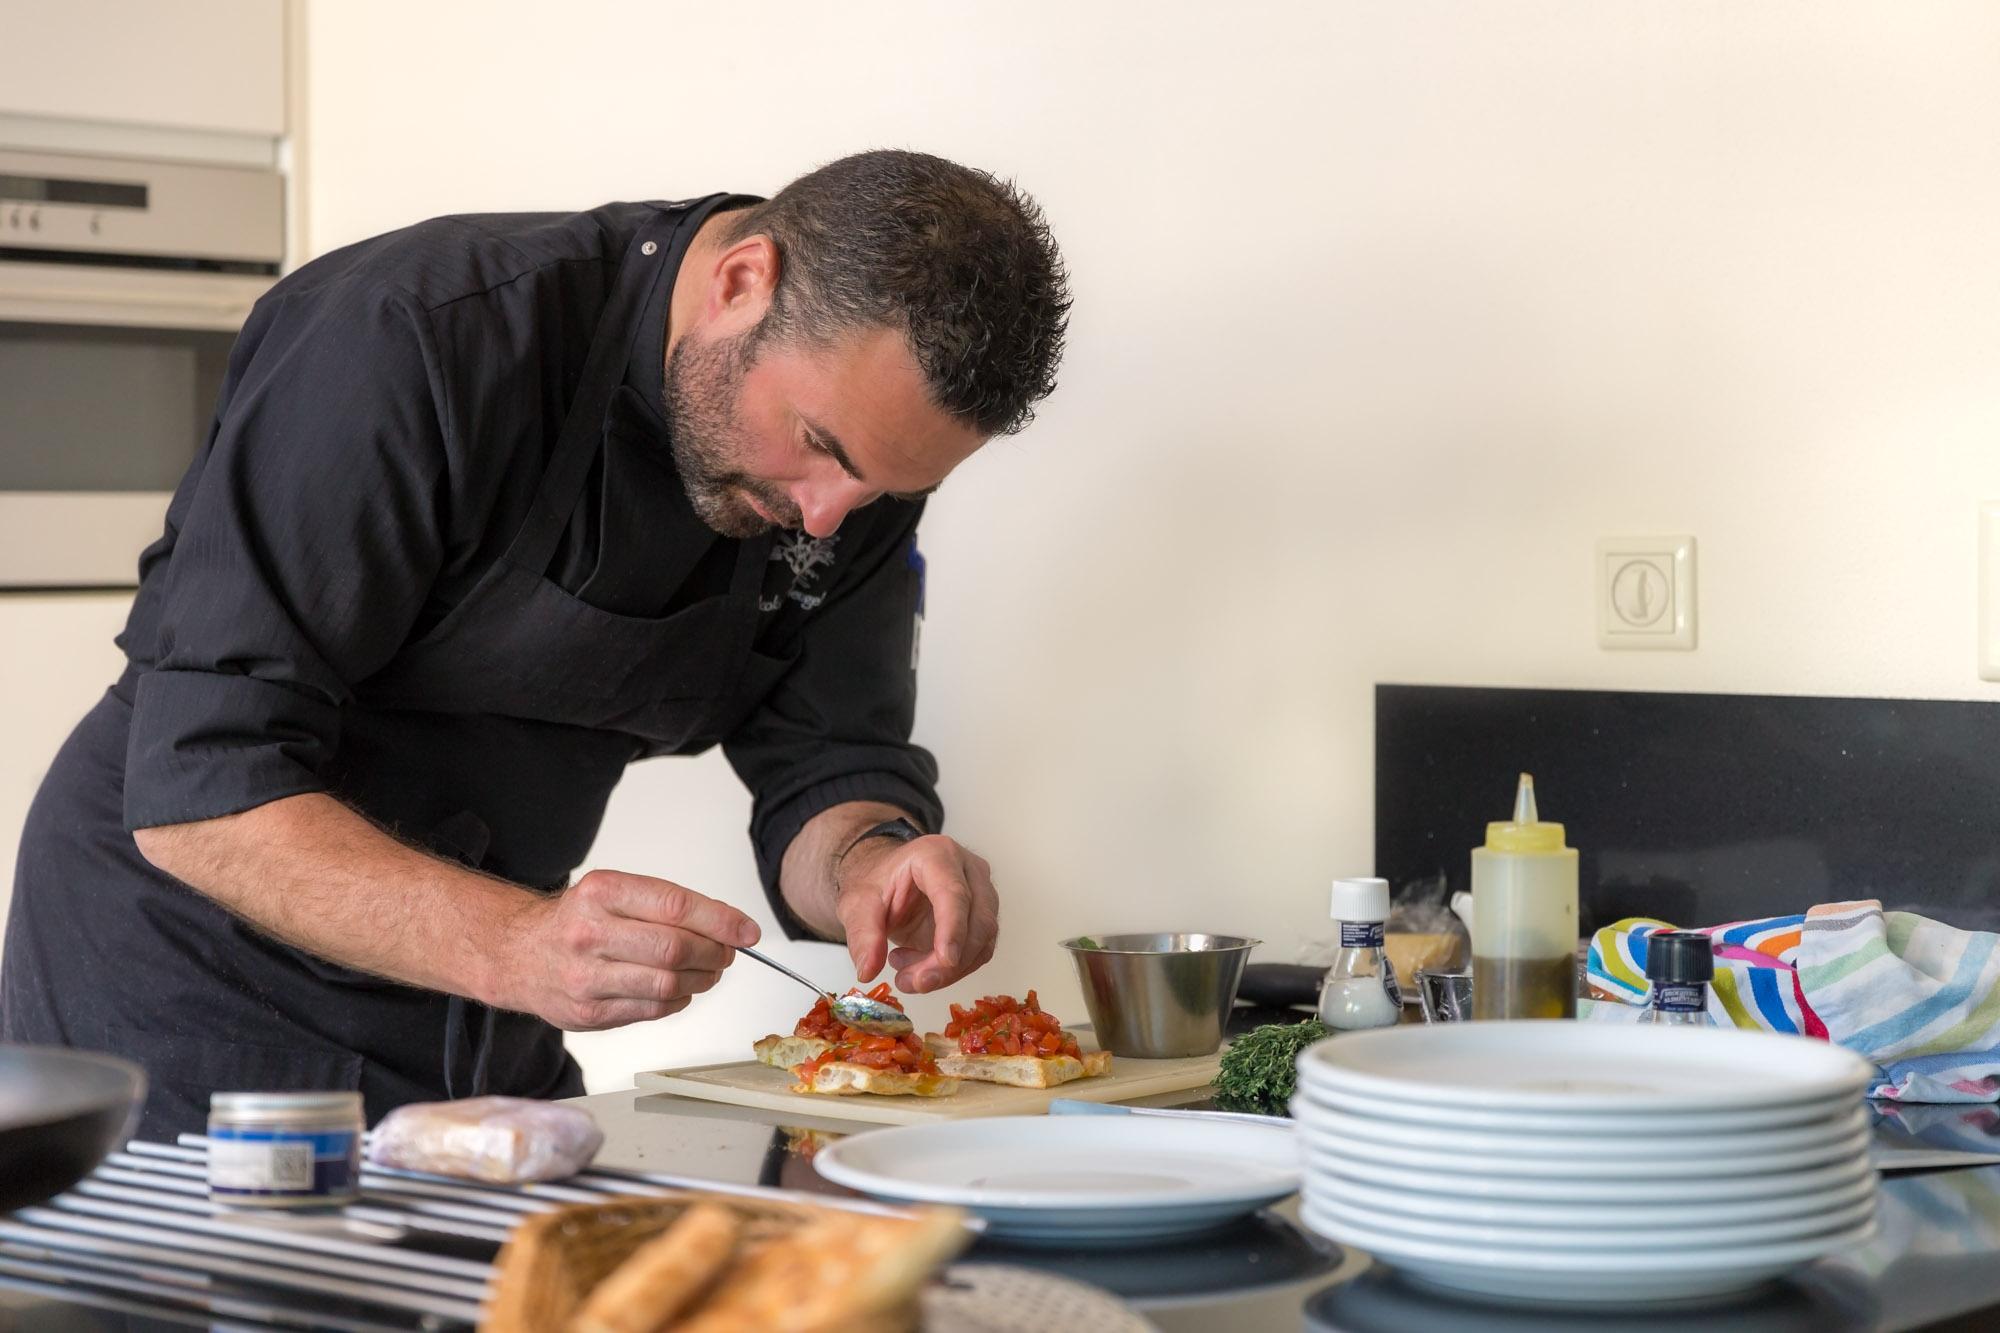 portret van Italiaanse kok aan huis door mayrafotografie voor branding